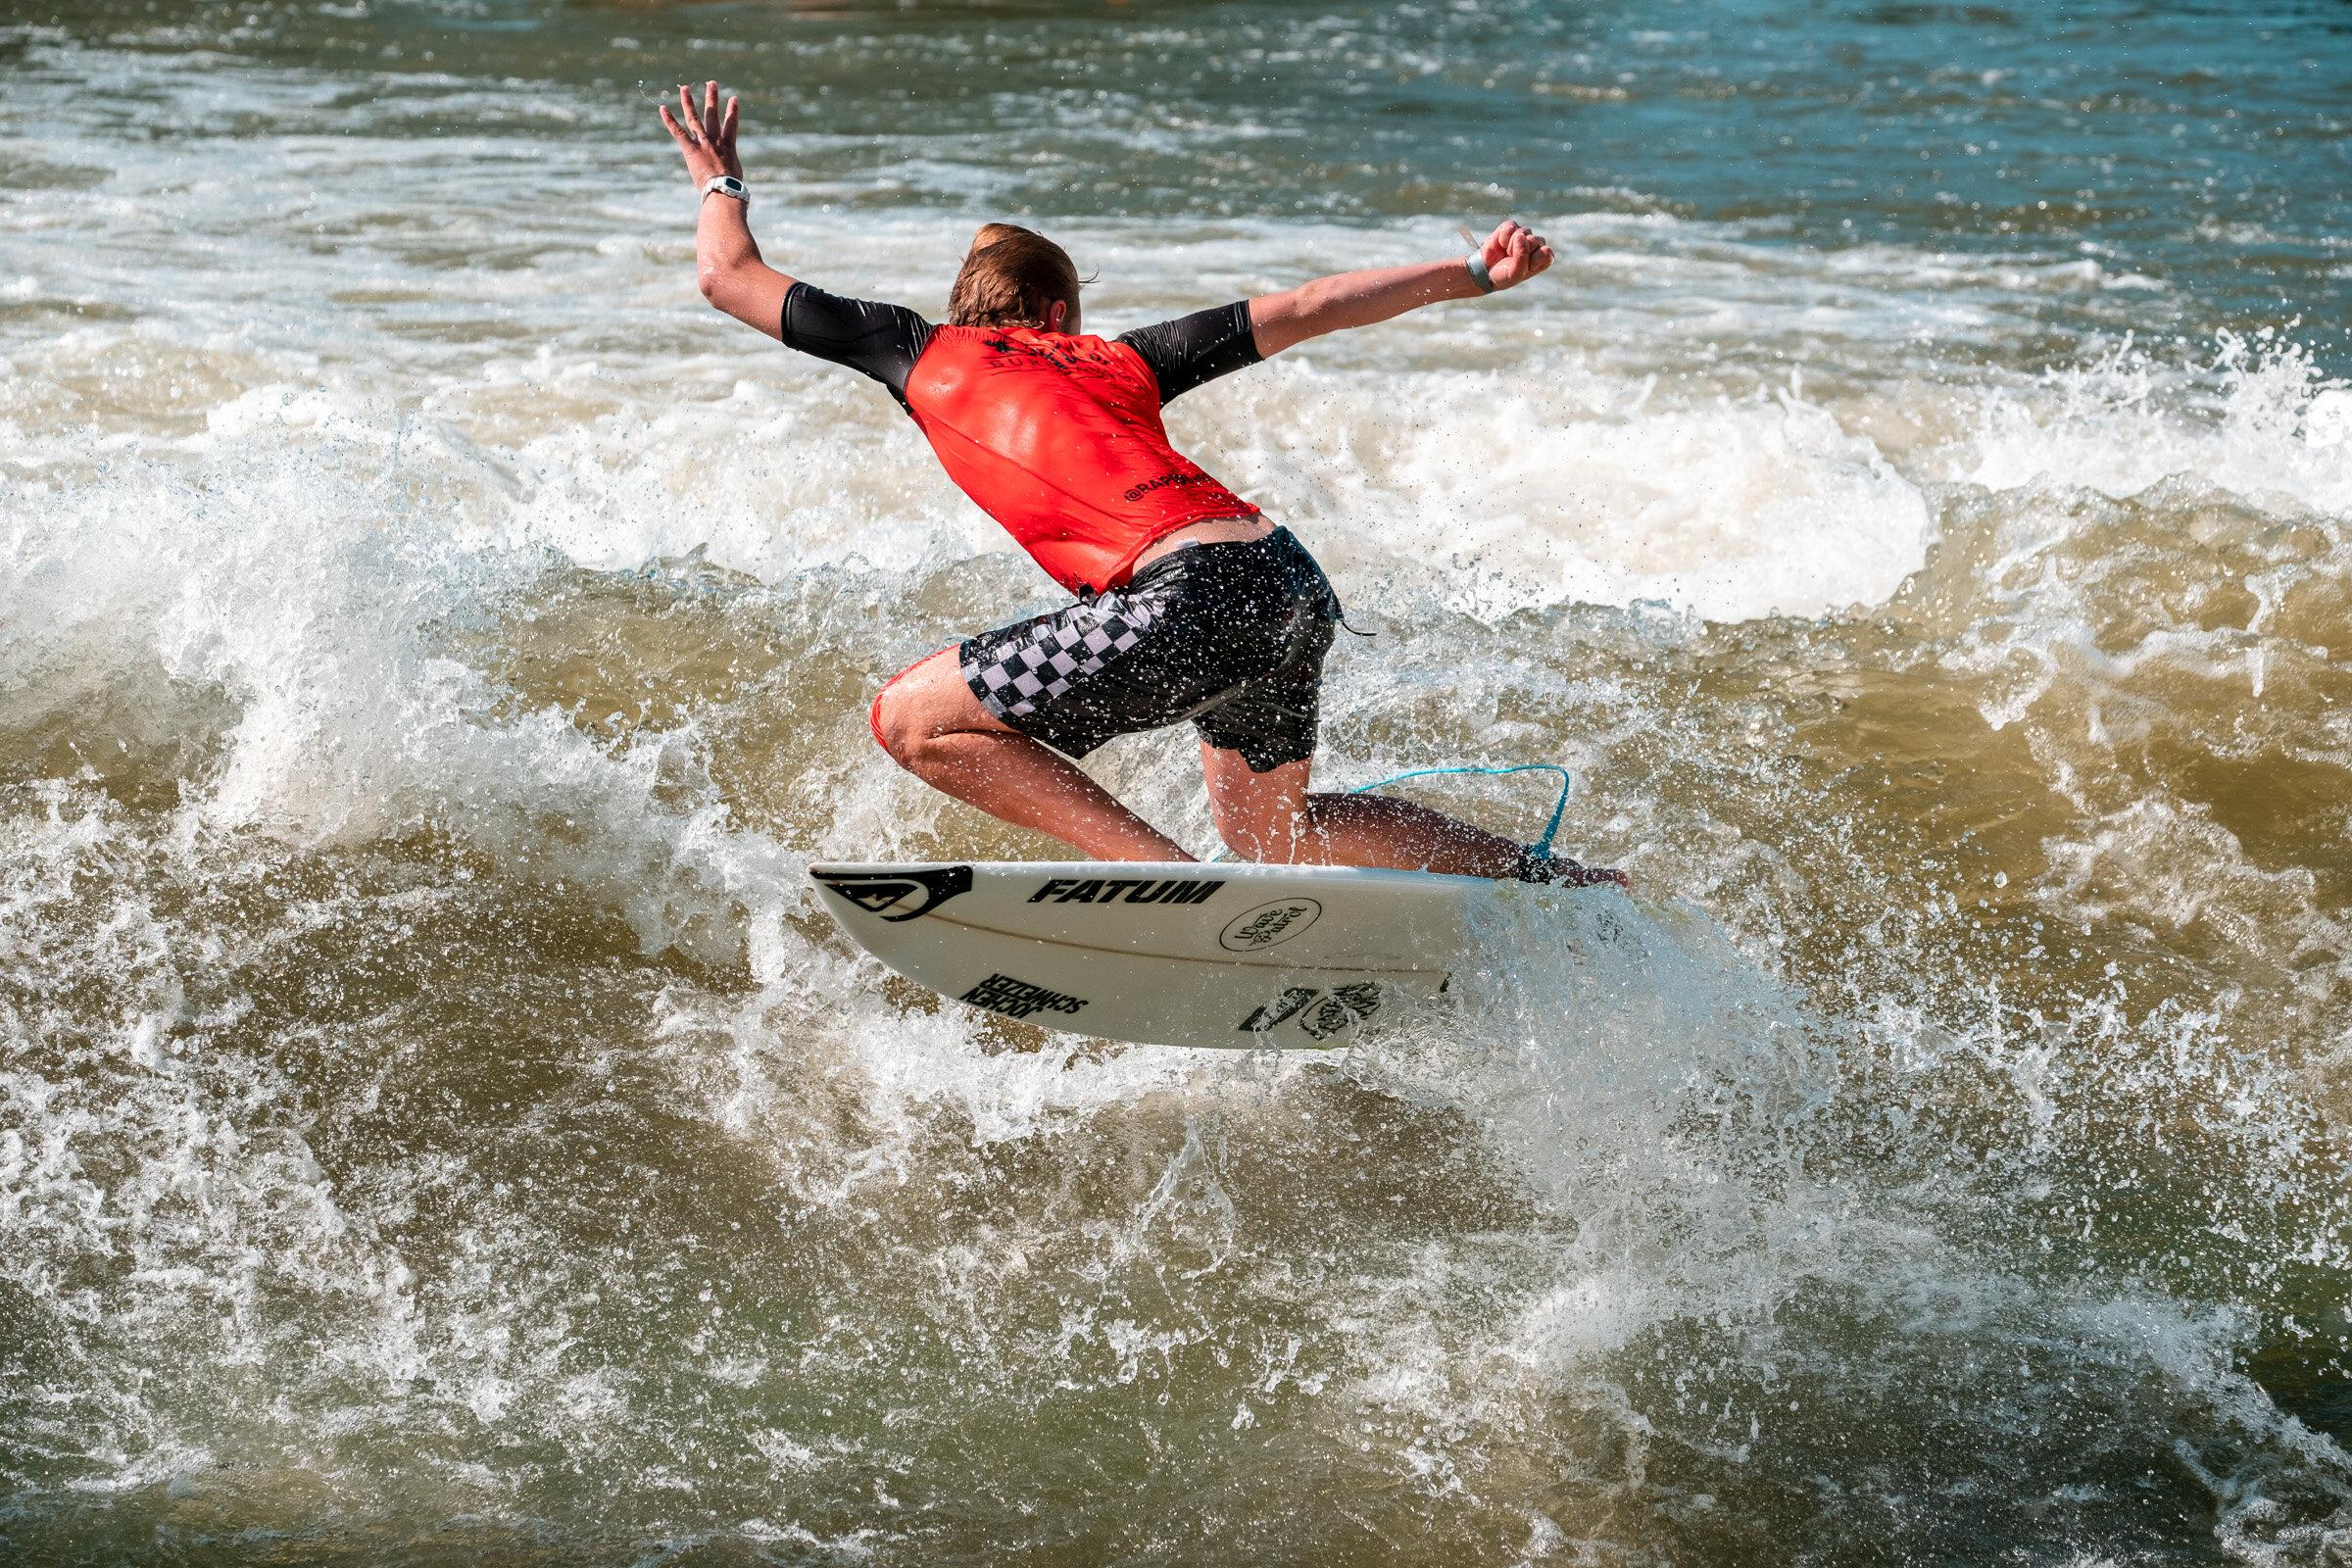 rapid-surf-contest-derKristof-26.jpg